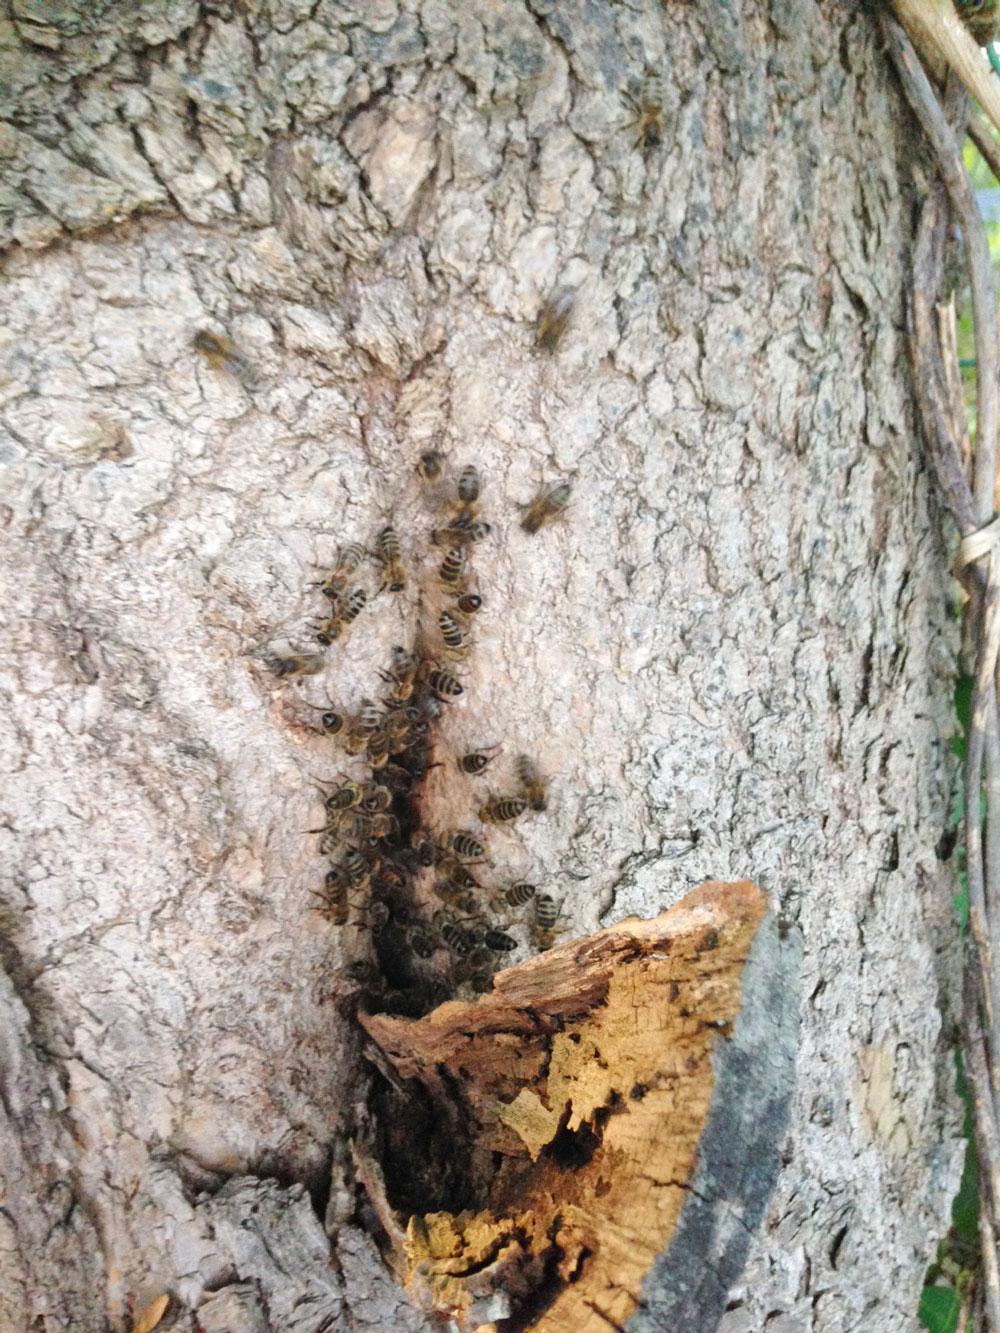 Und auch dieser Bienenschwarm hat sich eine Baumhöhle in einer Pappel ausgesucht, aus der er sich nicht mehr herauslocken lässt. Toi toi toi für das wilde Leben ohne Varroabehandlung! - Verena